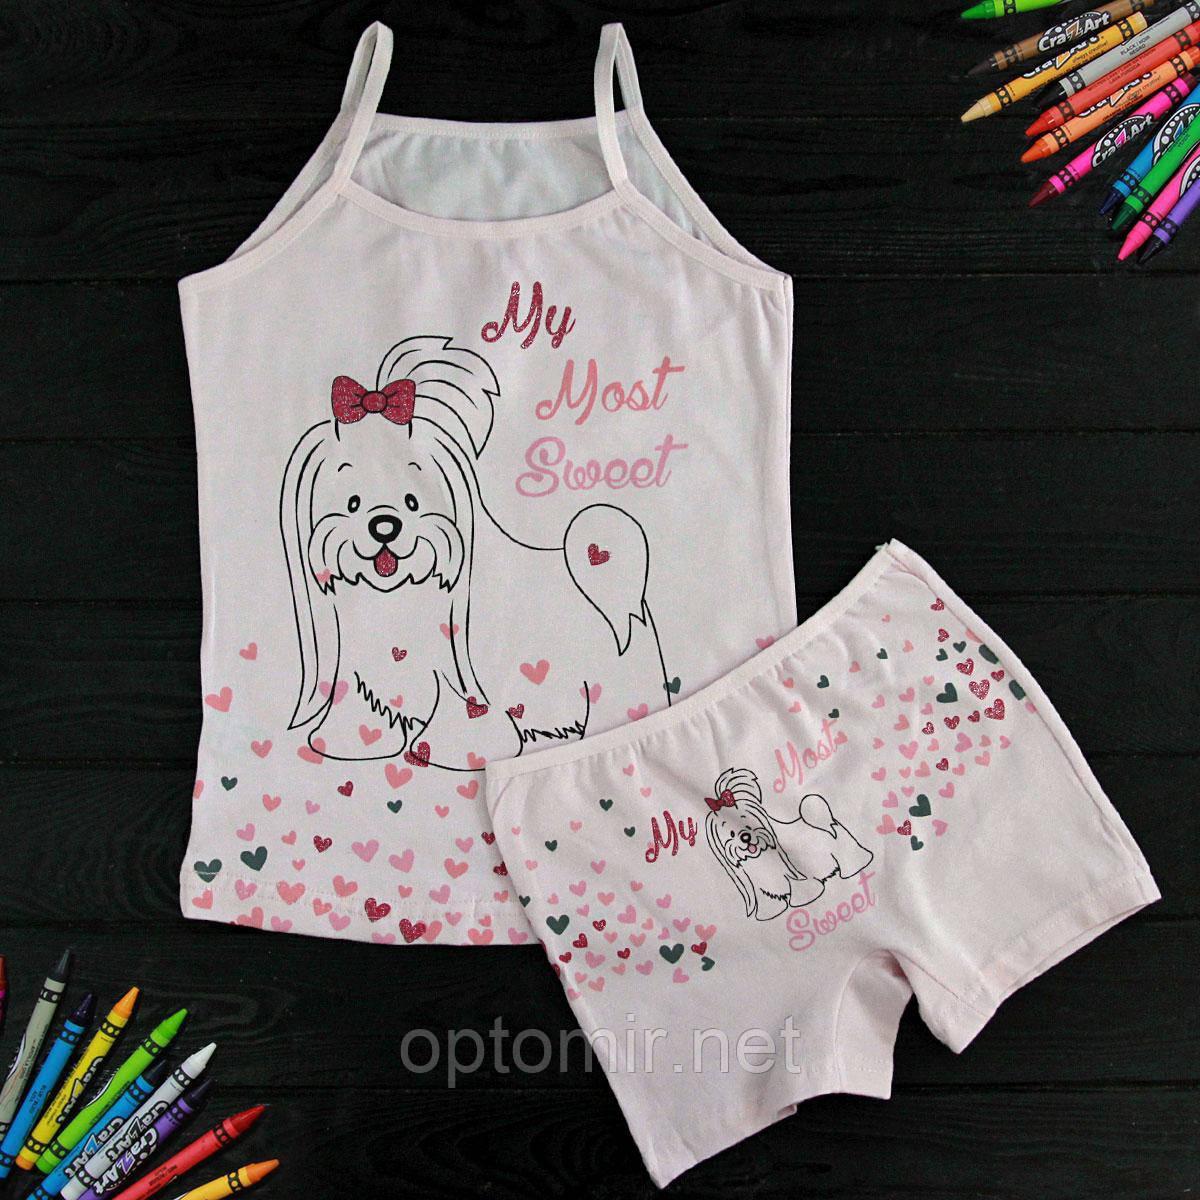 Комплект детский Donella с собачкой розовый для девочки на 8/9 лет(шортики) | 1шт.